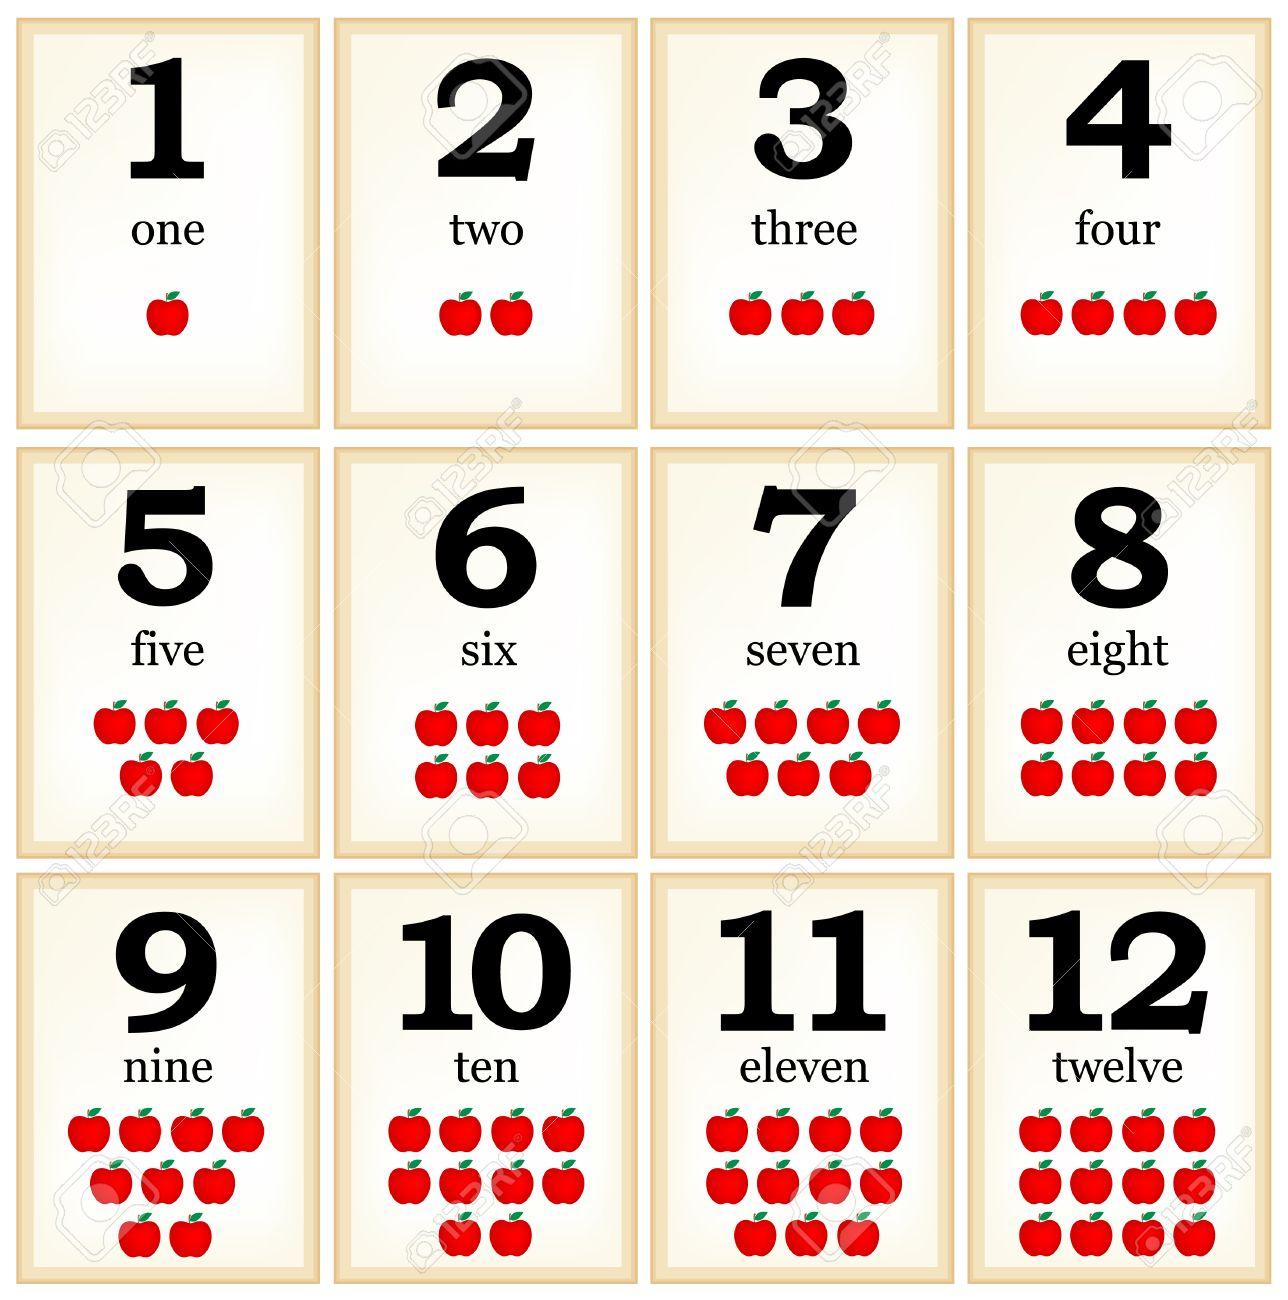 Druckbare Flash-Karte Colle Für Zahlen Mit Äpfeln Für Die Vorschule ...